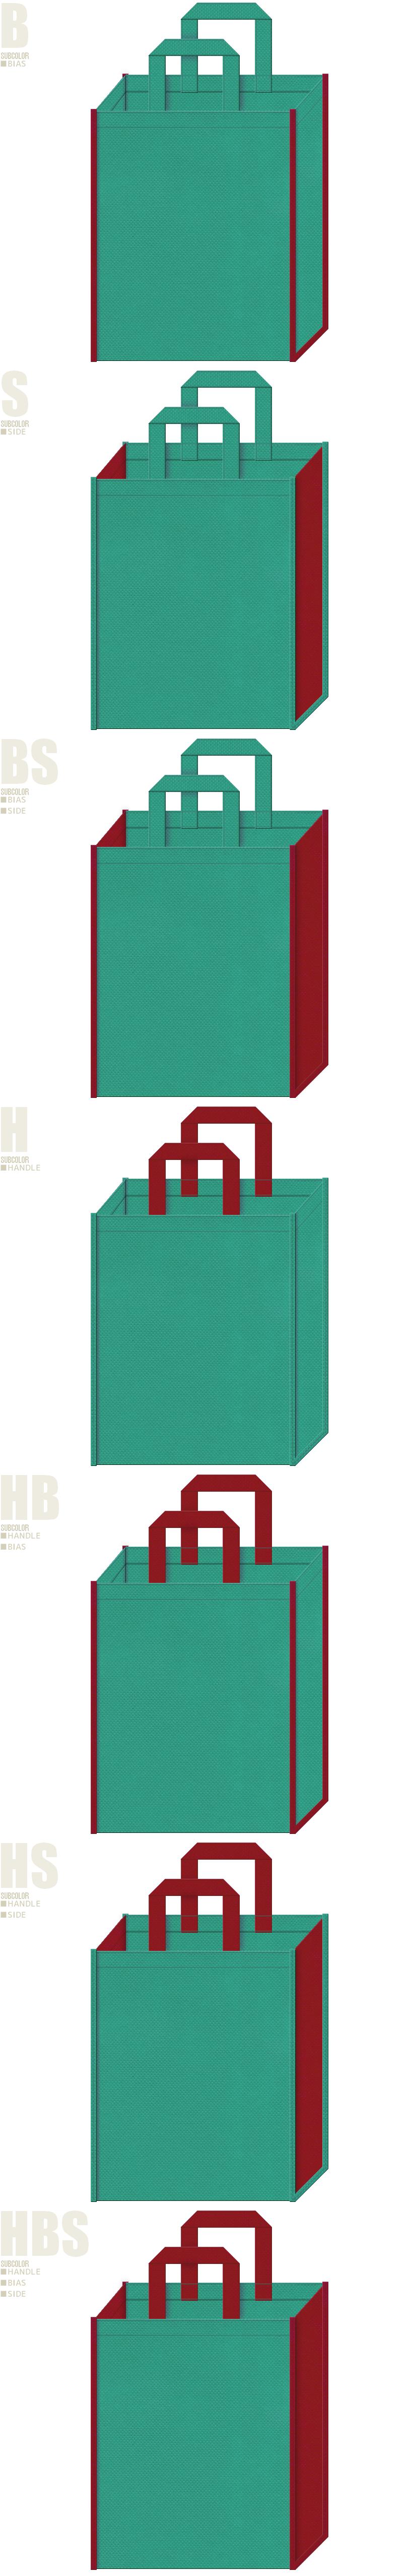 青緑色とエンジ色、7パターンの不織布トートバッグ配色デザイン例。女子学校卒業・女子成人式のアルバム用バッグにお奨めです。